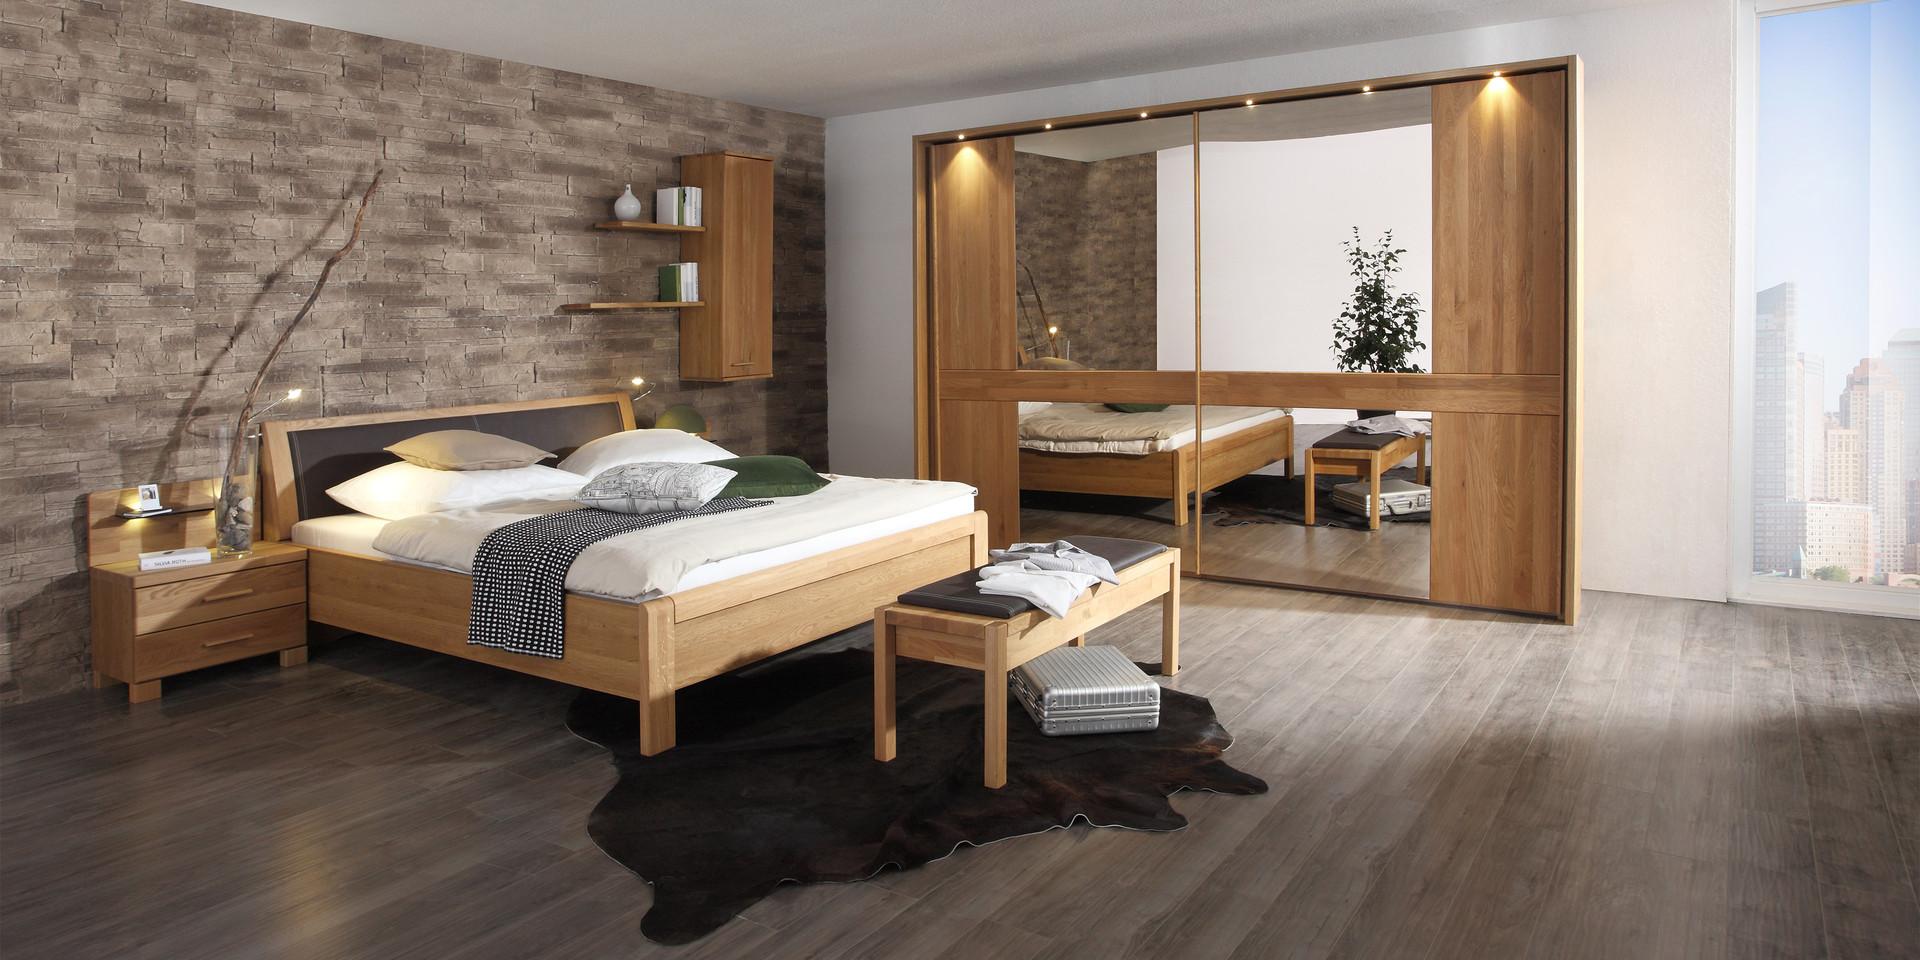 kleiderschrank schwarz modern ~ Übersicht traum schlafzimmer - Schlafzimmer Modern Schwarz